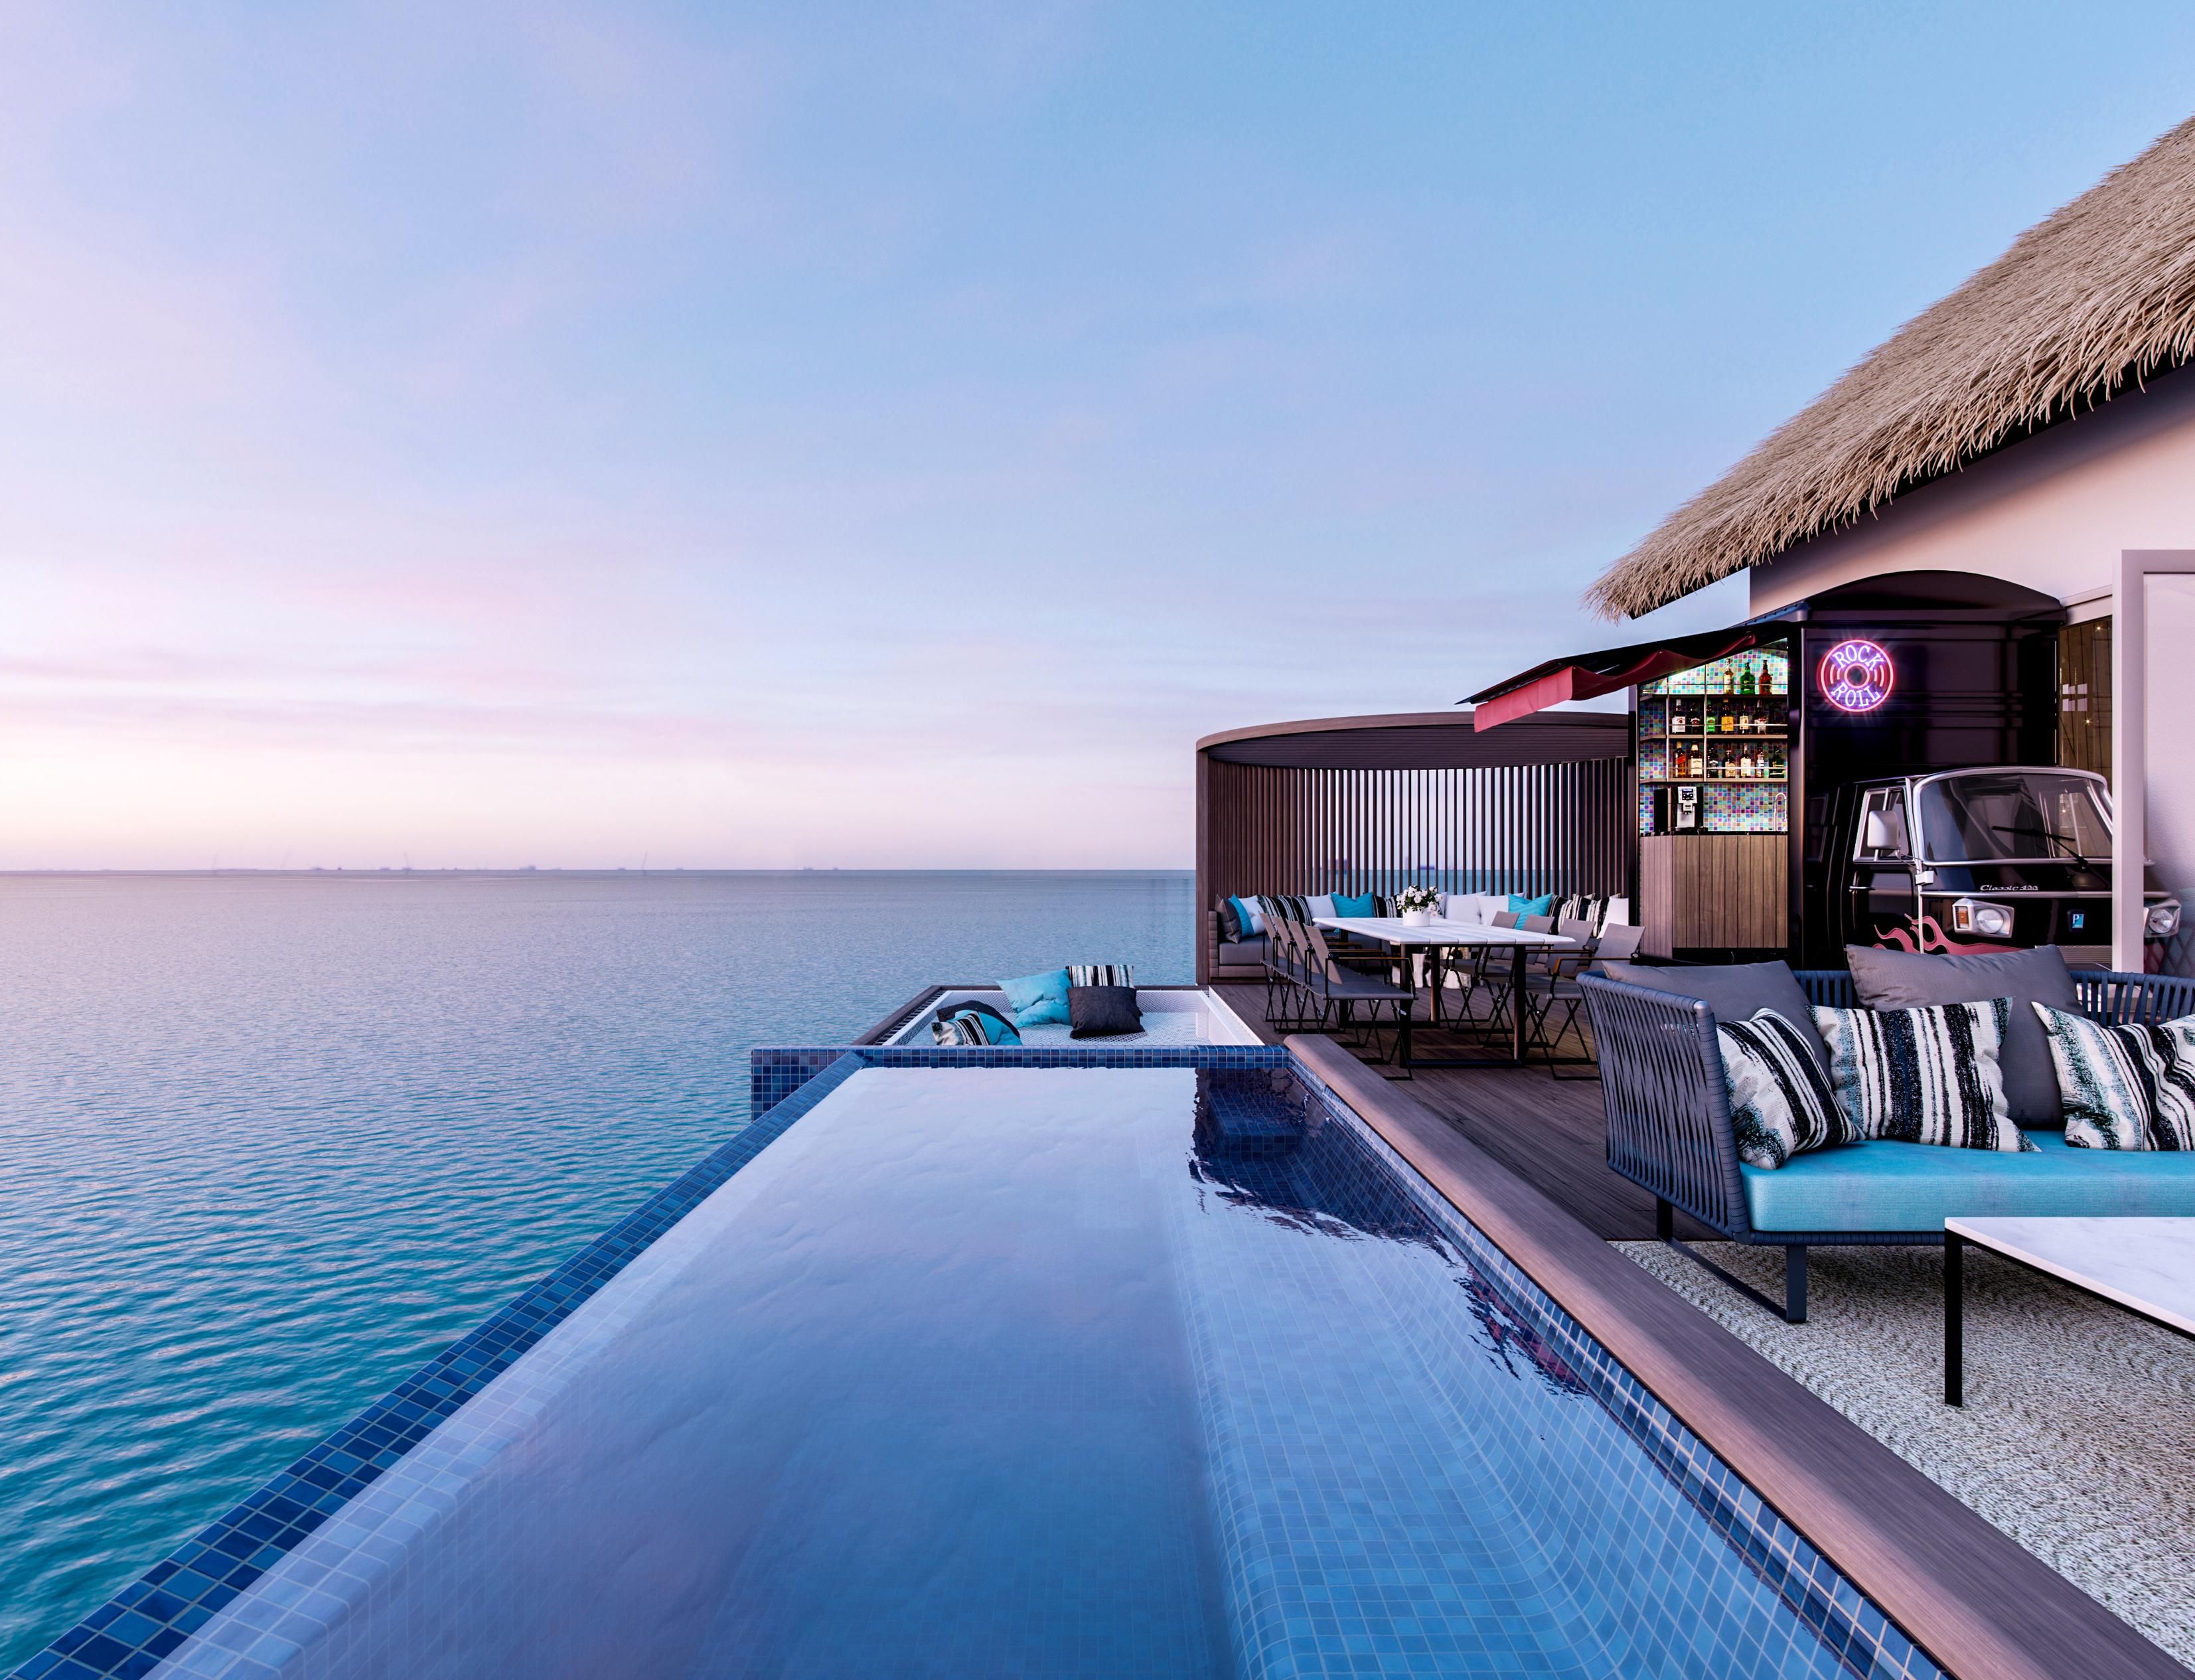 แพคเกจ มัลดีฟ รีสอร์ทใหม่ HardRock Maldives 3 วัน 2 คืน (ไม่รวมตั๋วเครื่องบิน)